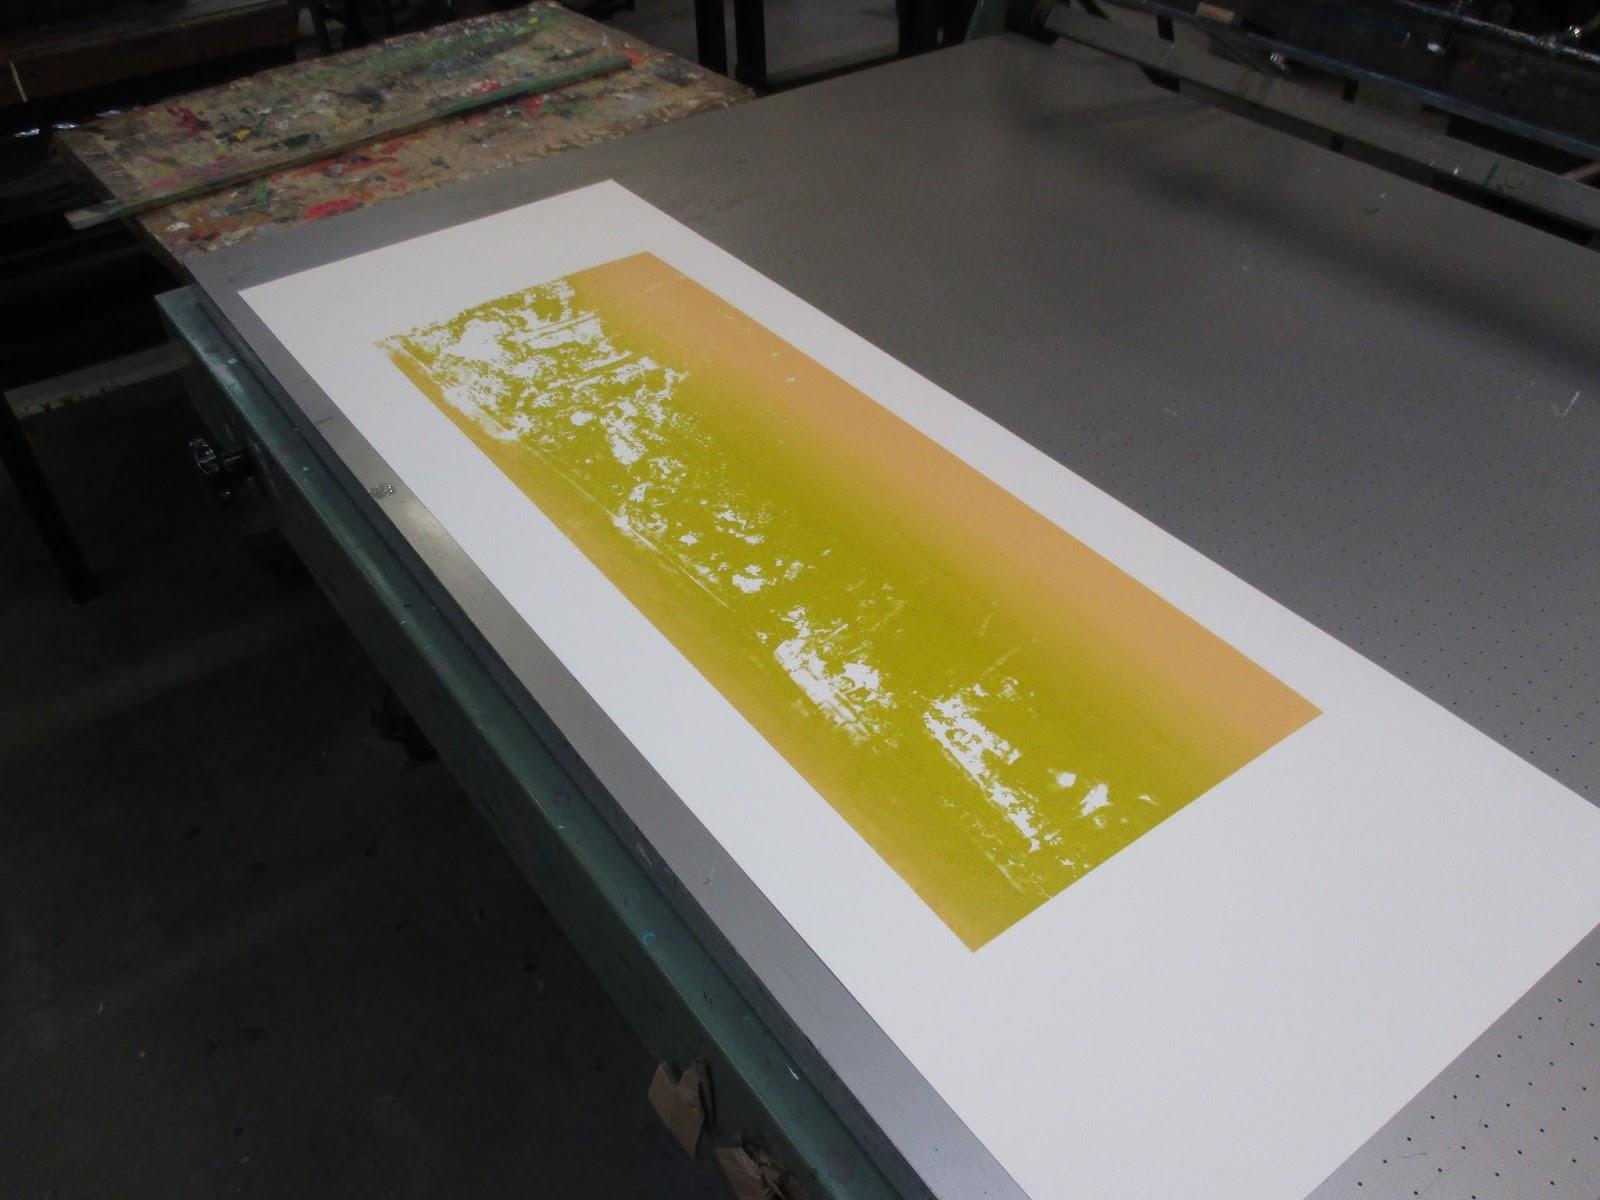 de eerste drukken in kleur